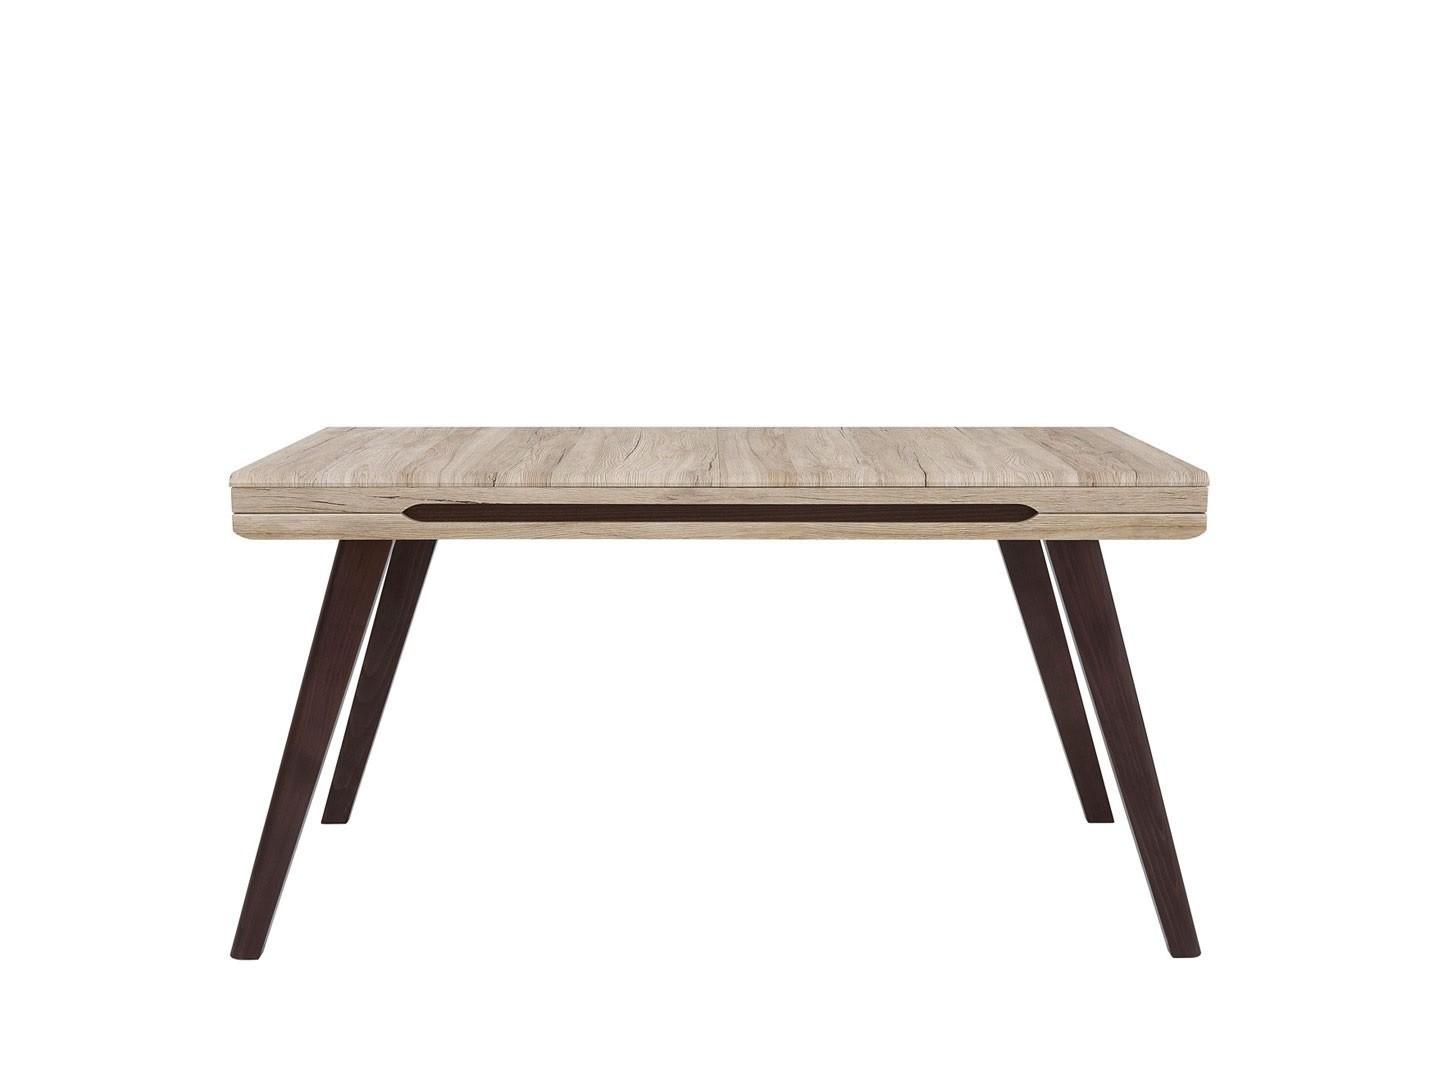 Jedálenský stôl AZTECA TRIO STO/185 dub san remo/dub wenge hnedý